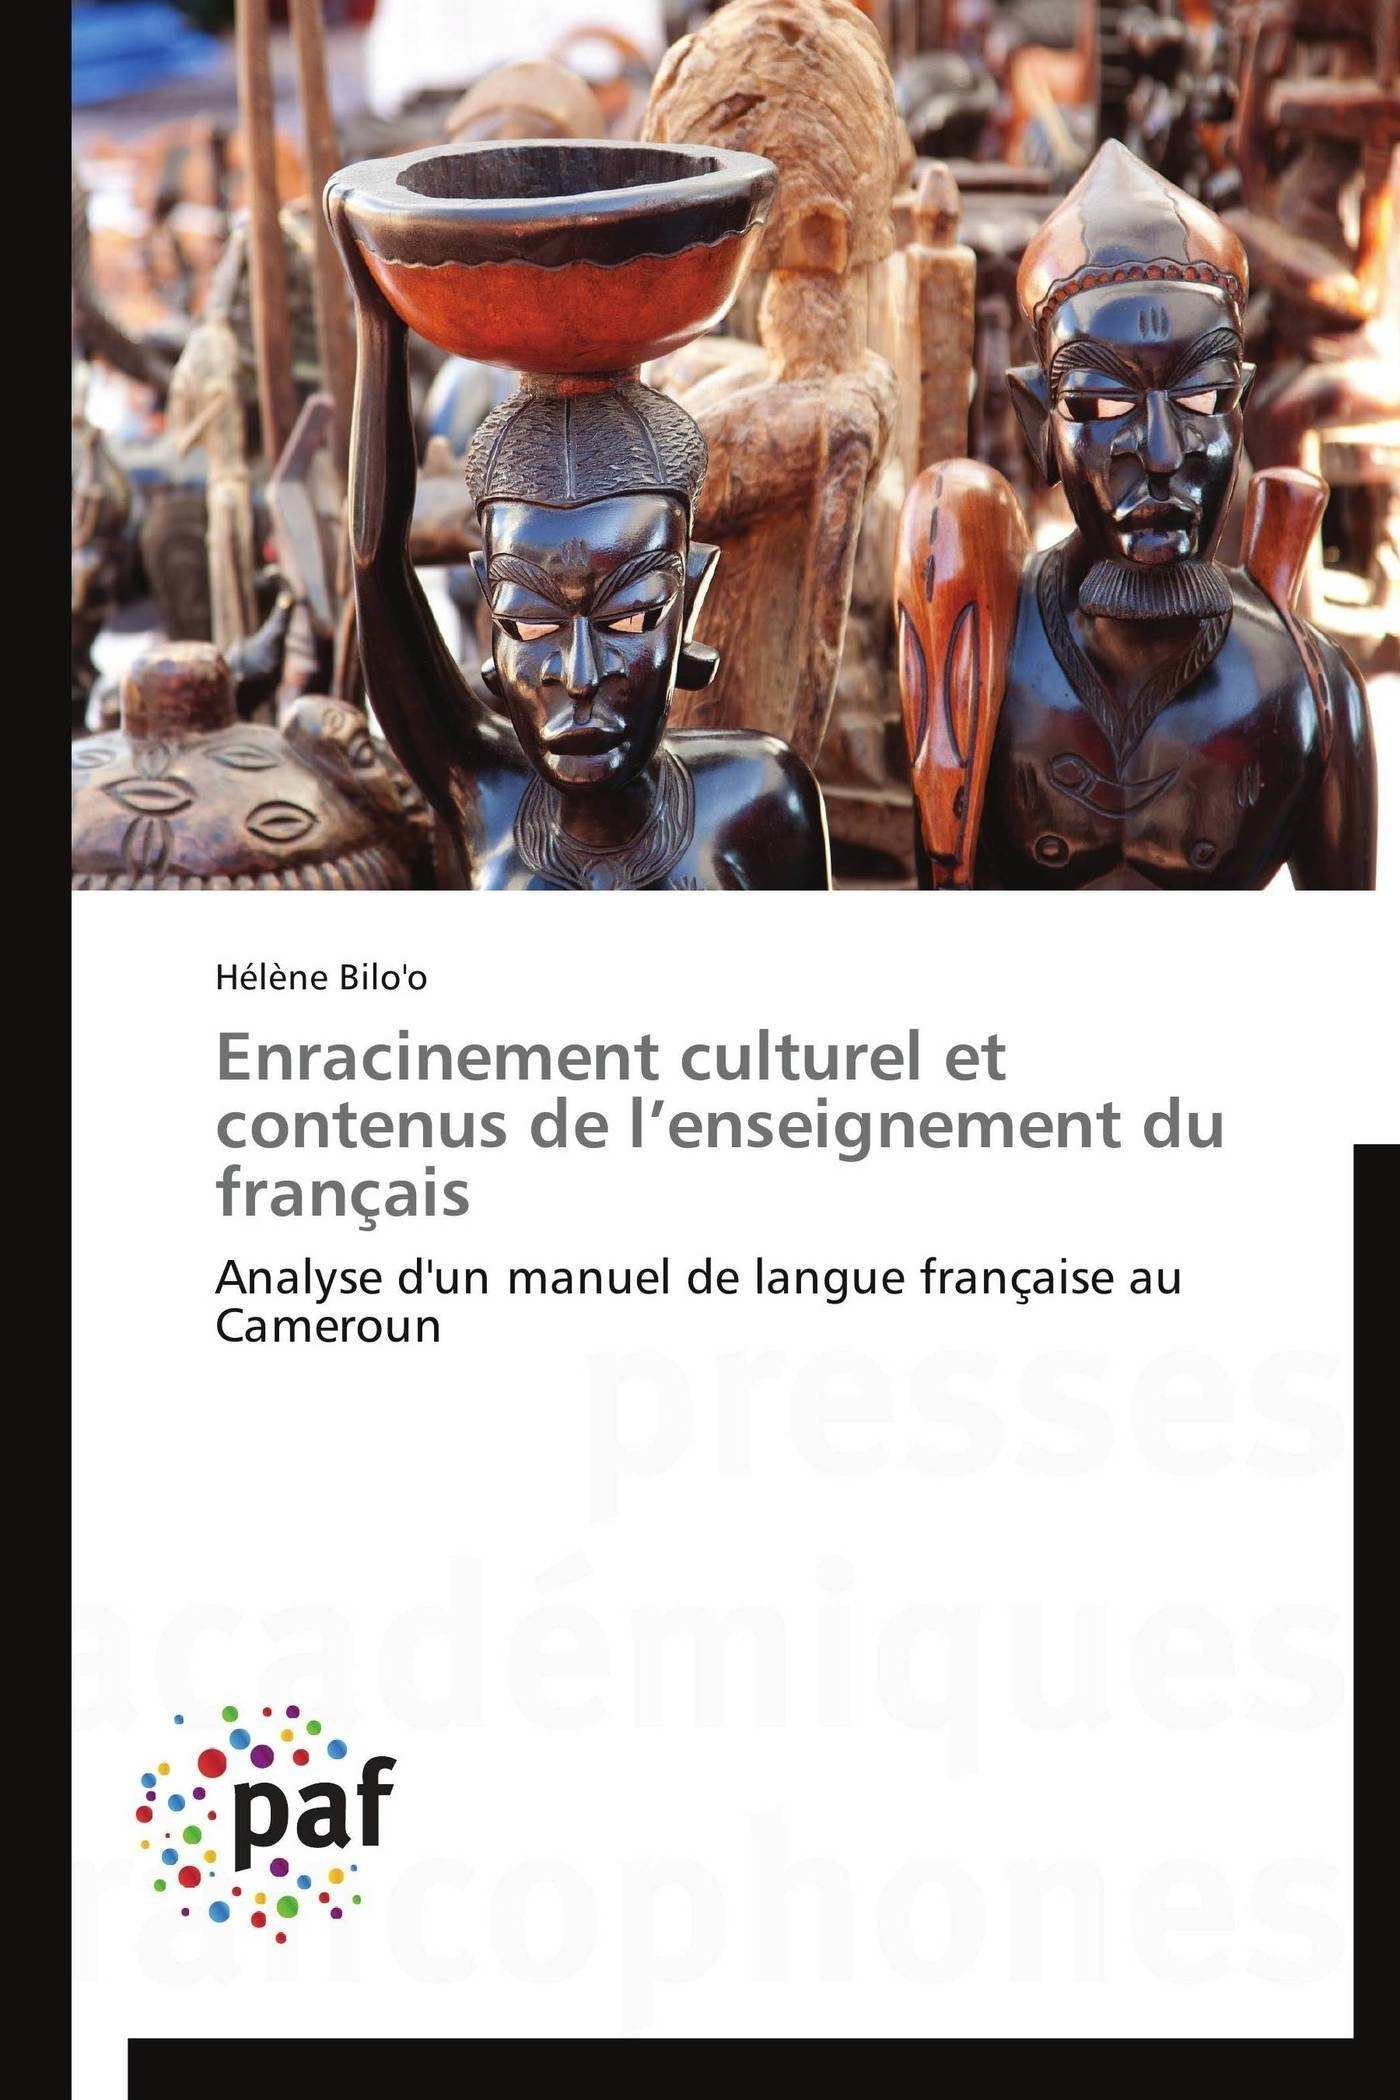 ENRACINEMENT CULTUREL ET CONTENUS DE L ENSEIGNEMENT DU FRANCAIS